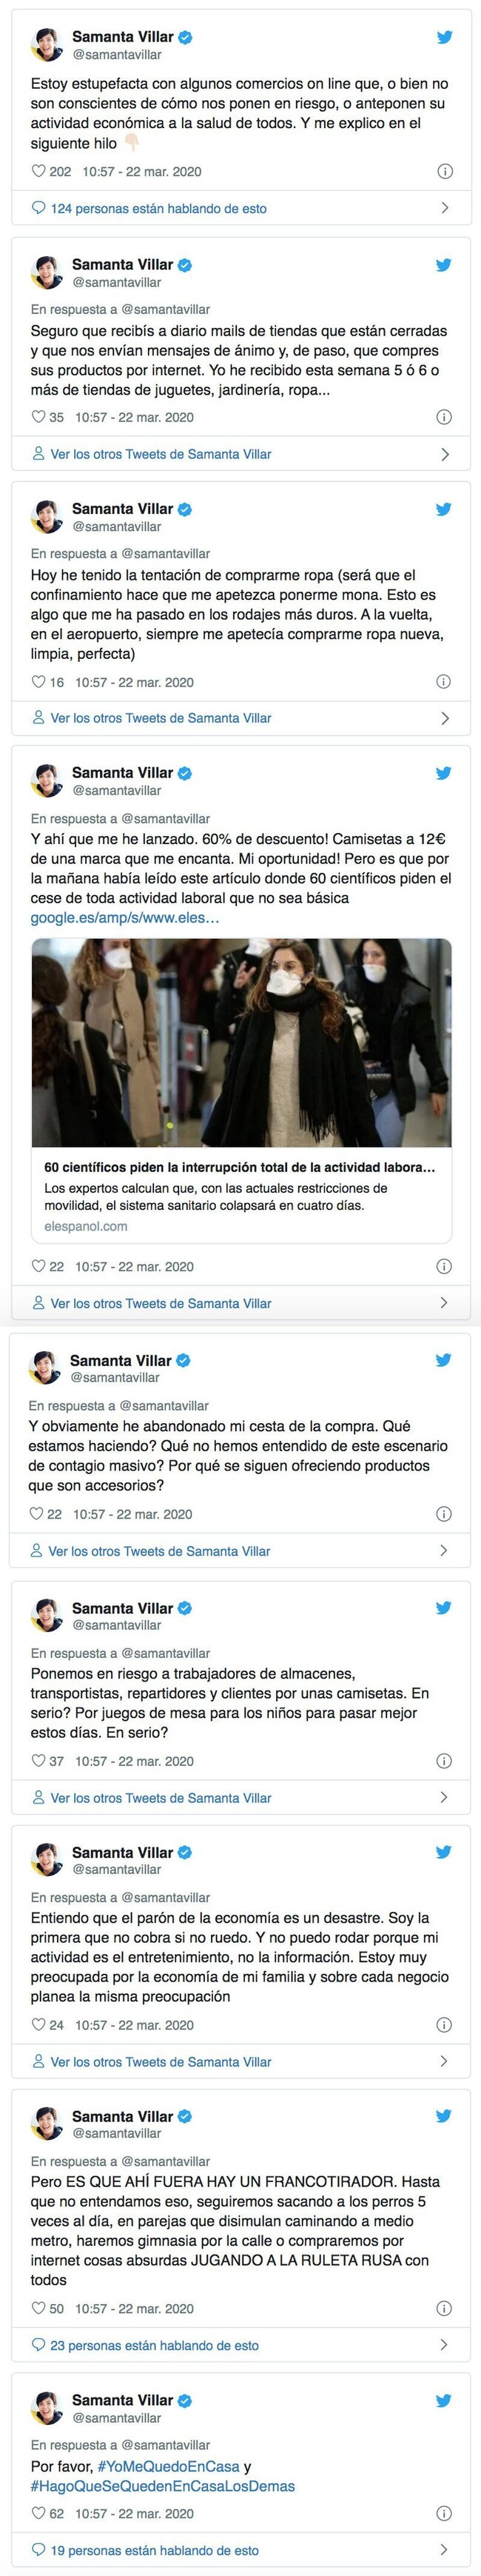 7302 - Samanta Villar, a punto de liarla con el confinamiento pero ha sabido rectificar a tiempo